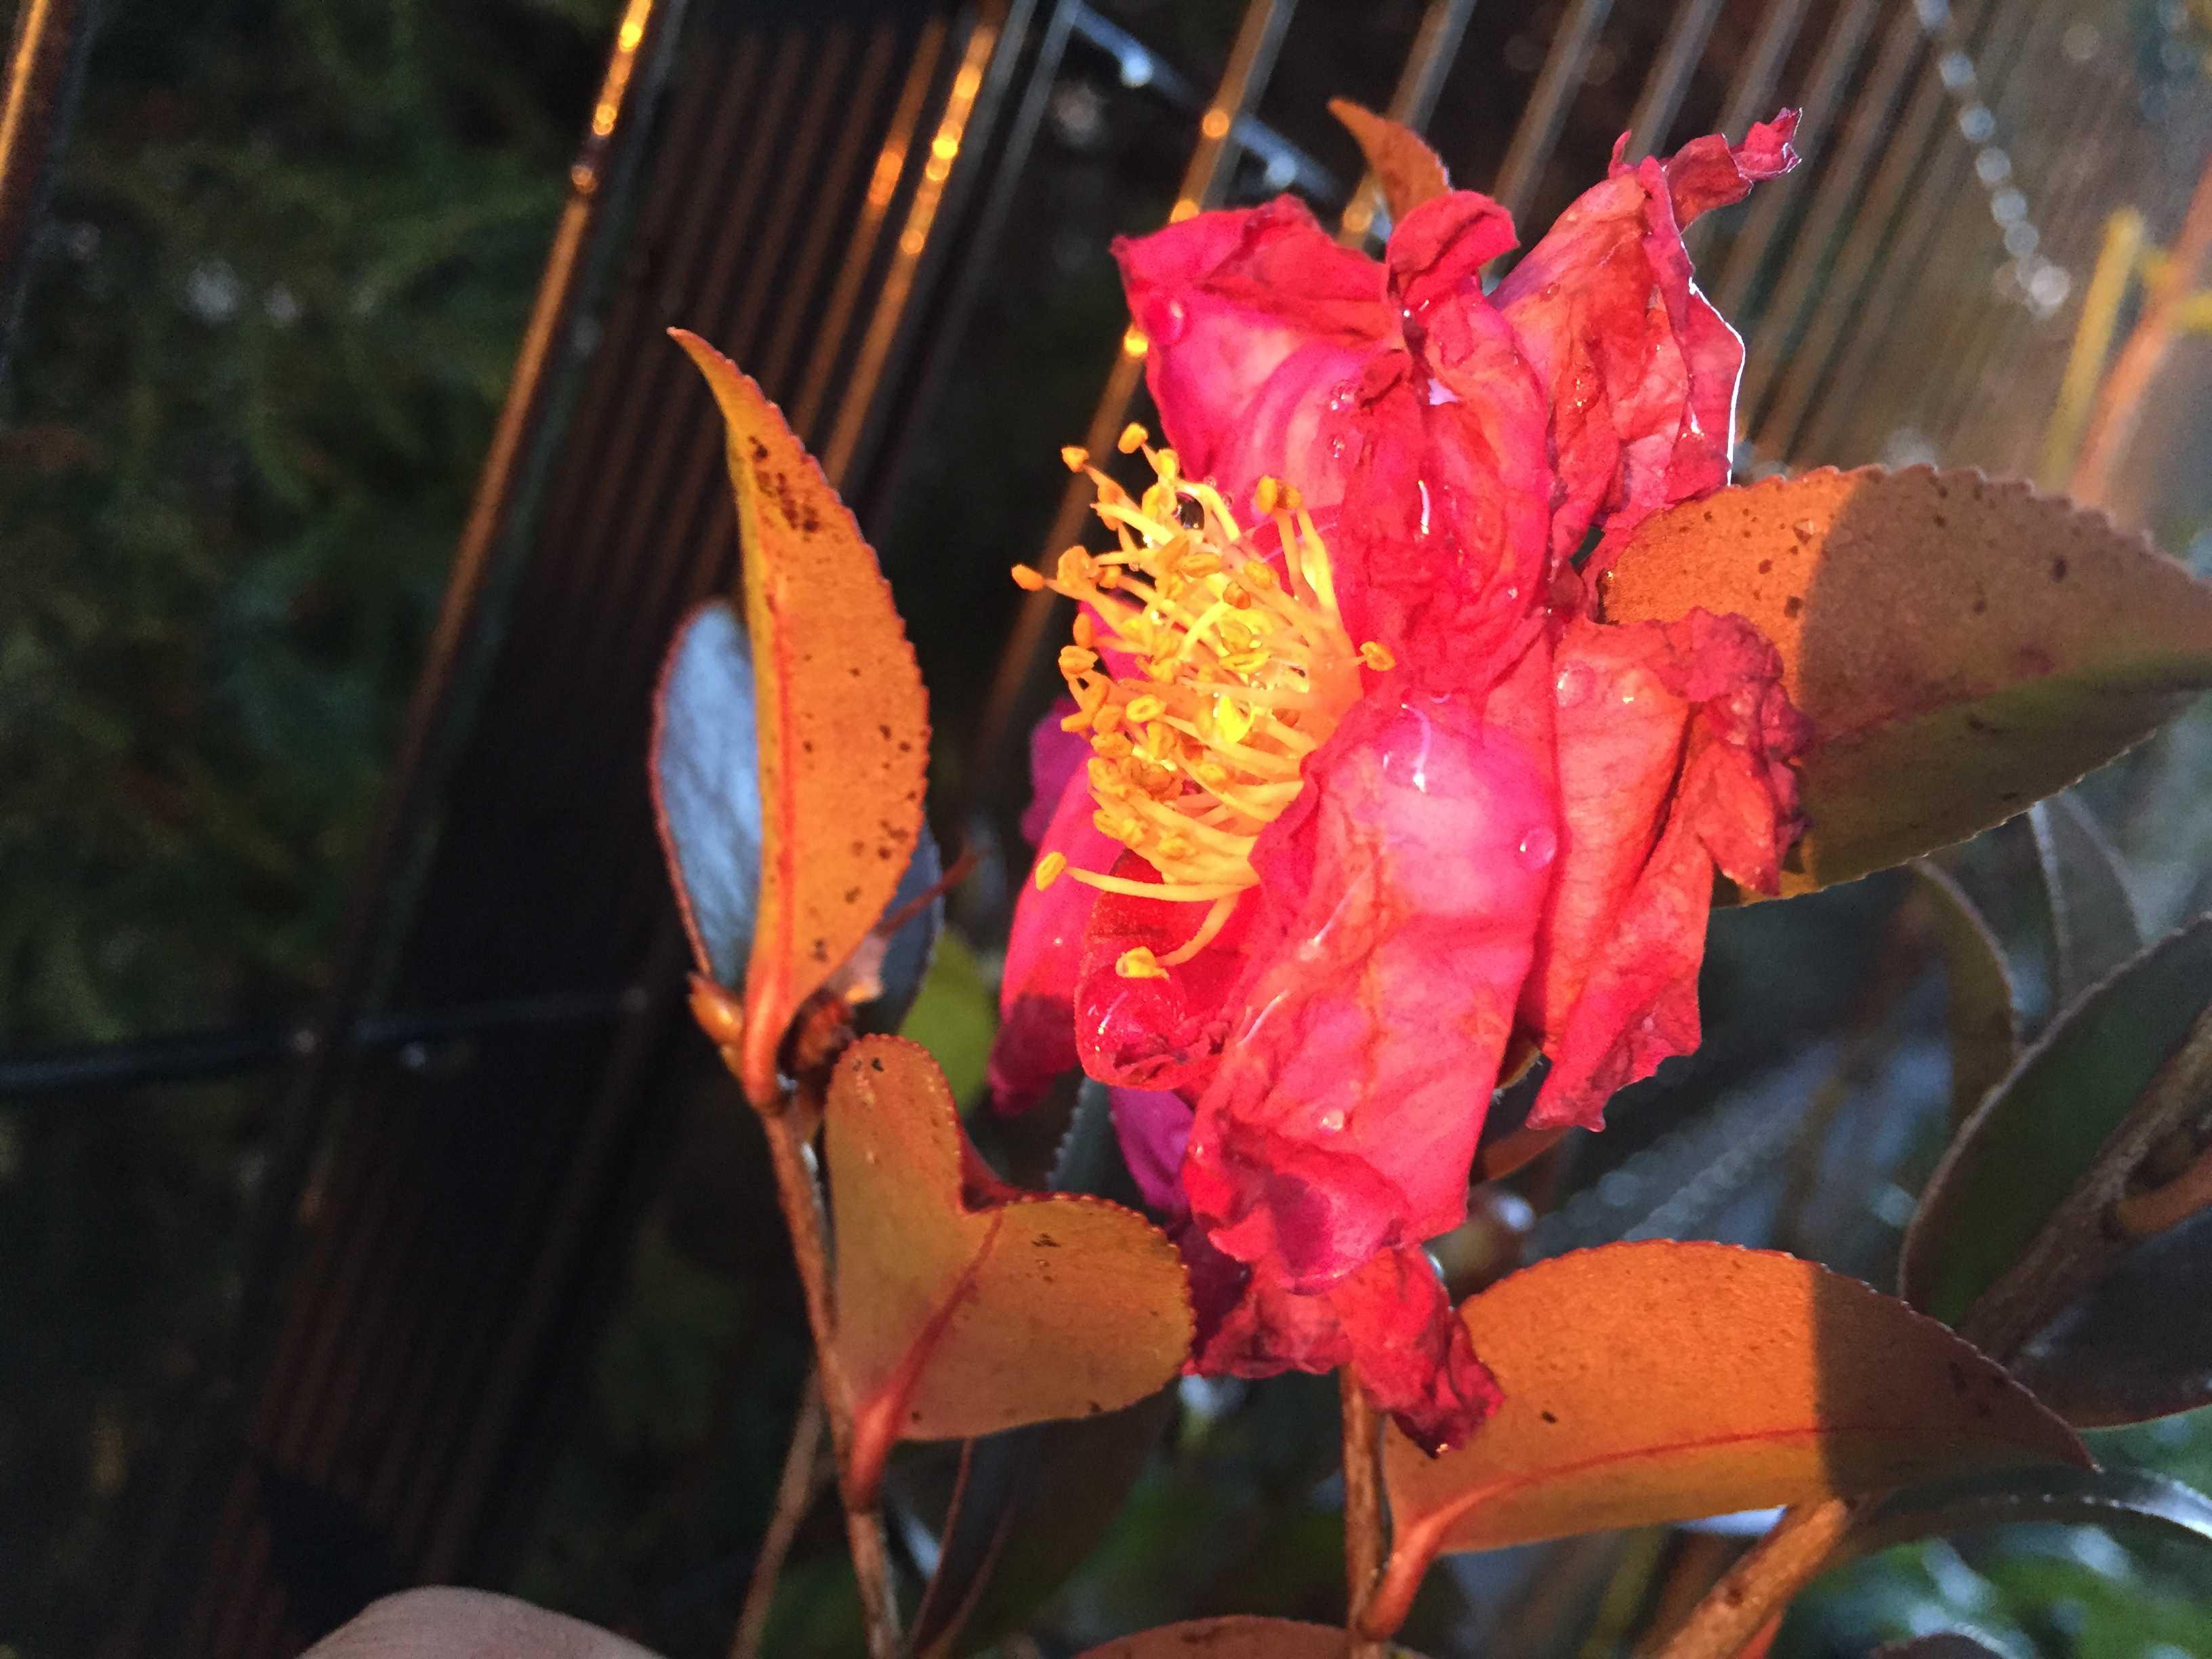 夕日に照らされる山茶花のタチカン(立寒椿)